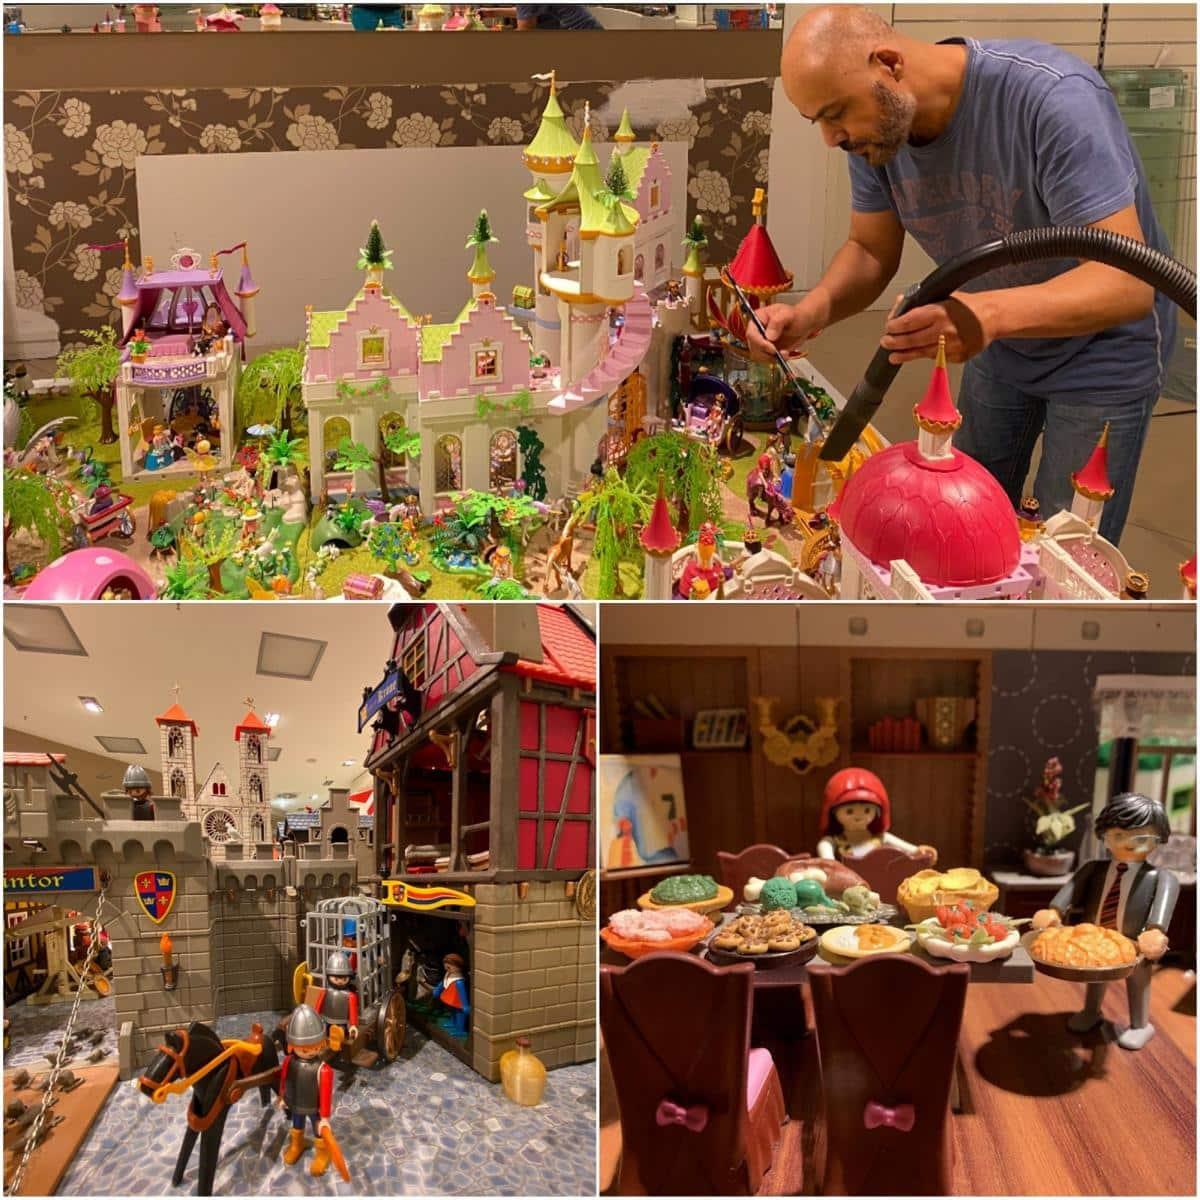 Style Hannover Miniaturwelten der Geschichte Robert Packeiser Nerissa Rothhardt 2 ADMIN Aug 25 133042 2021 Conflict - Robert Packeiser: Pädagoge, Künstler und ... Playmobil